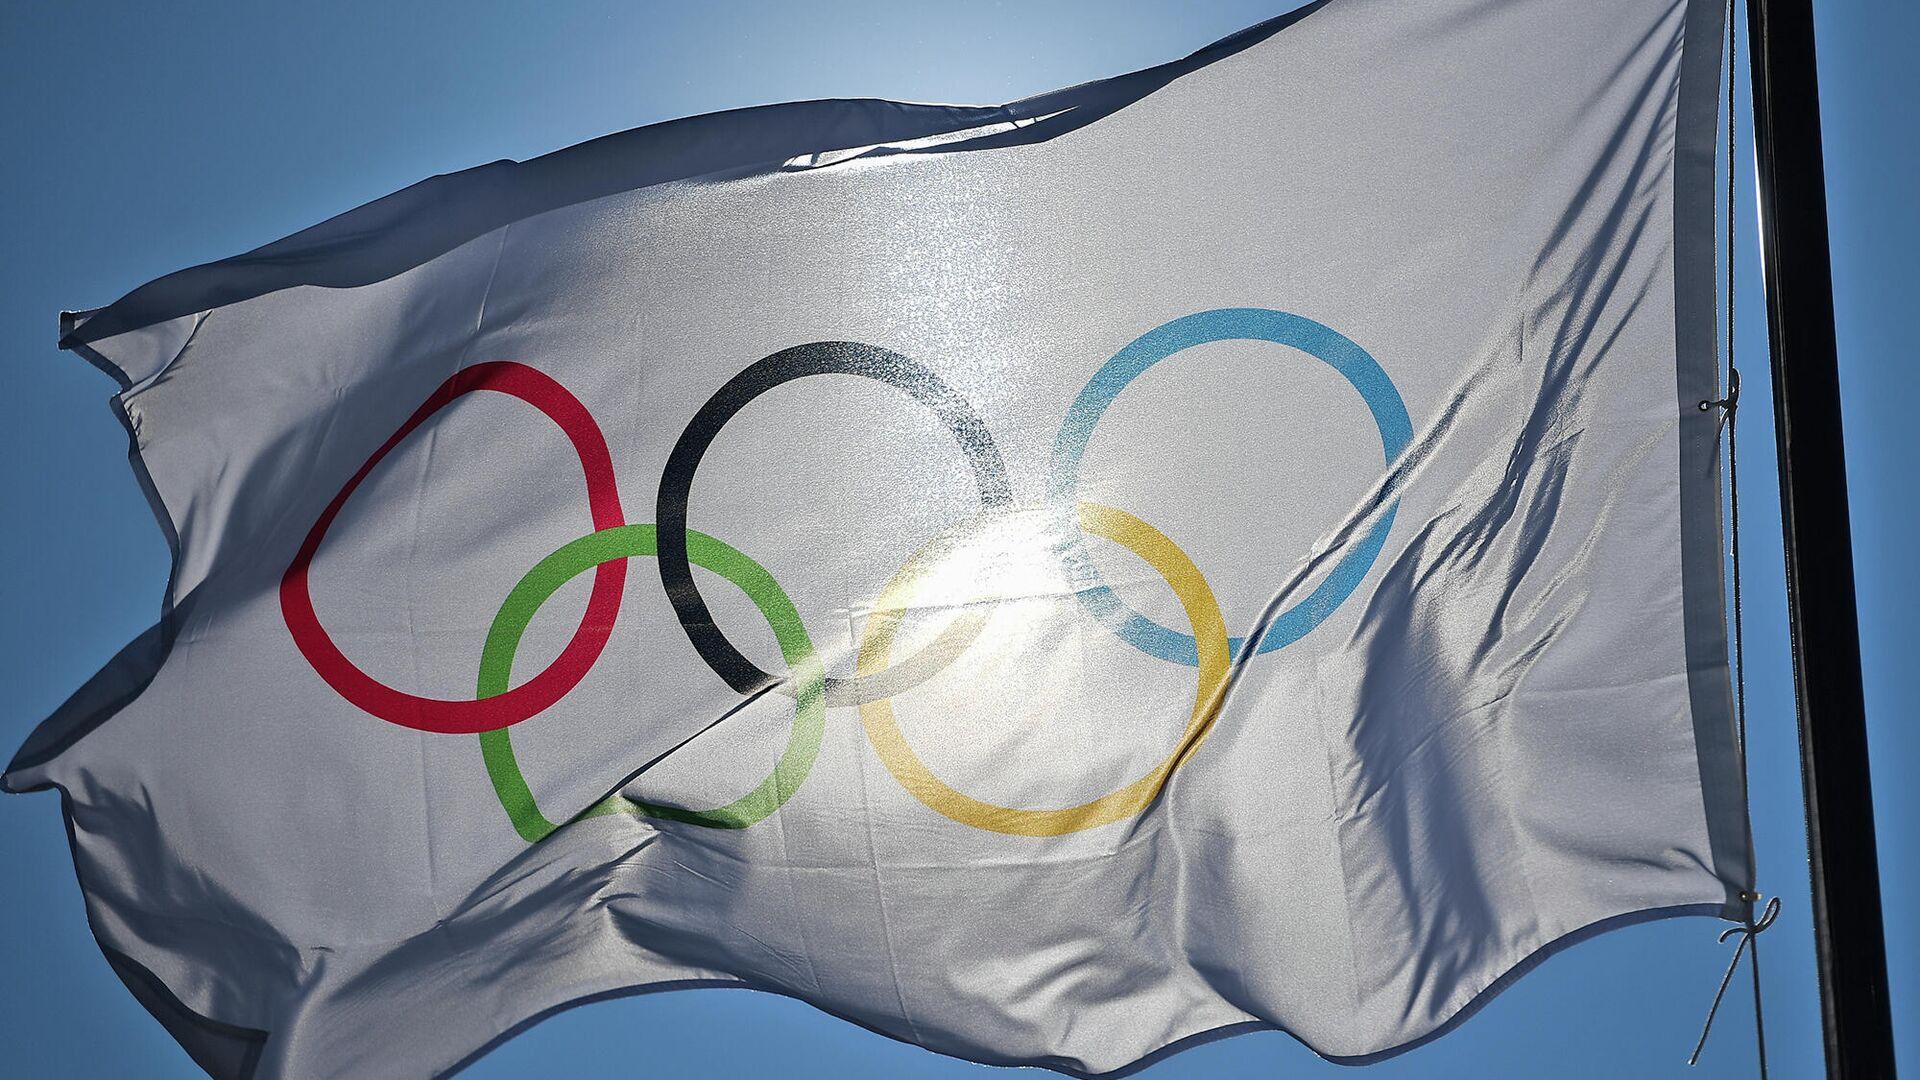 Олимпийский флаг - РИА Новости, 1920, 20.07.2021